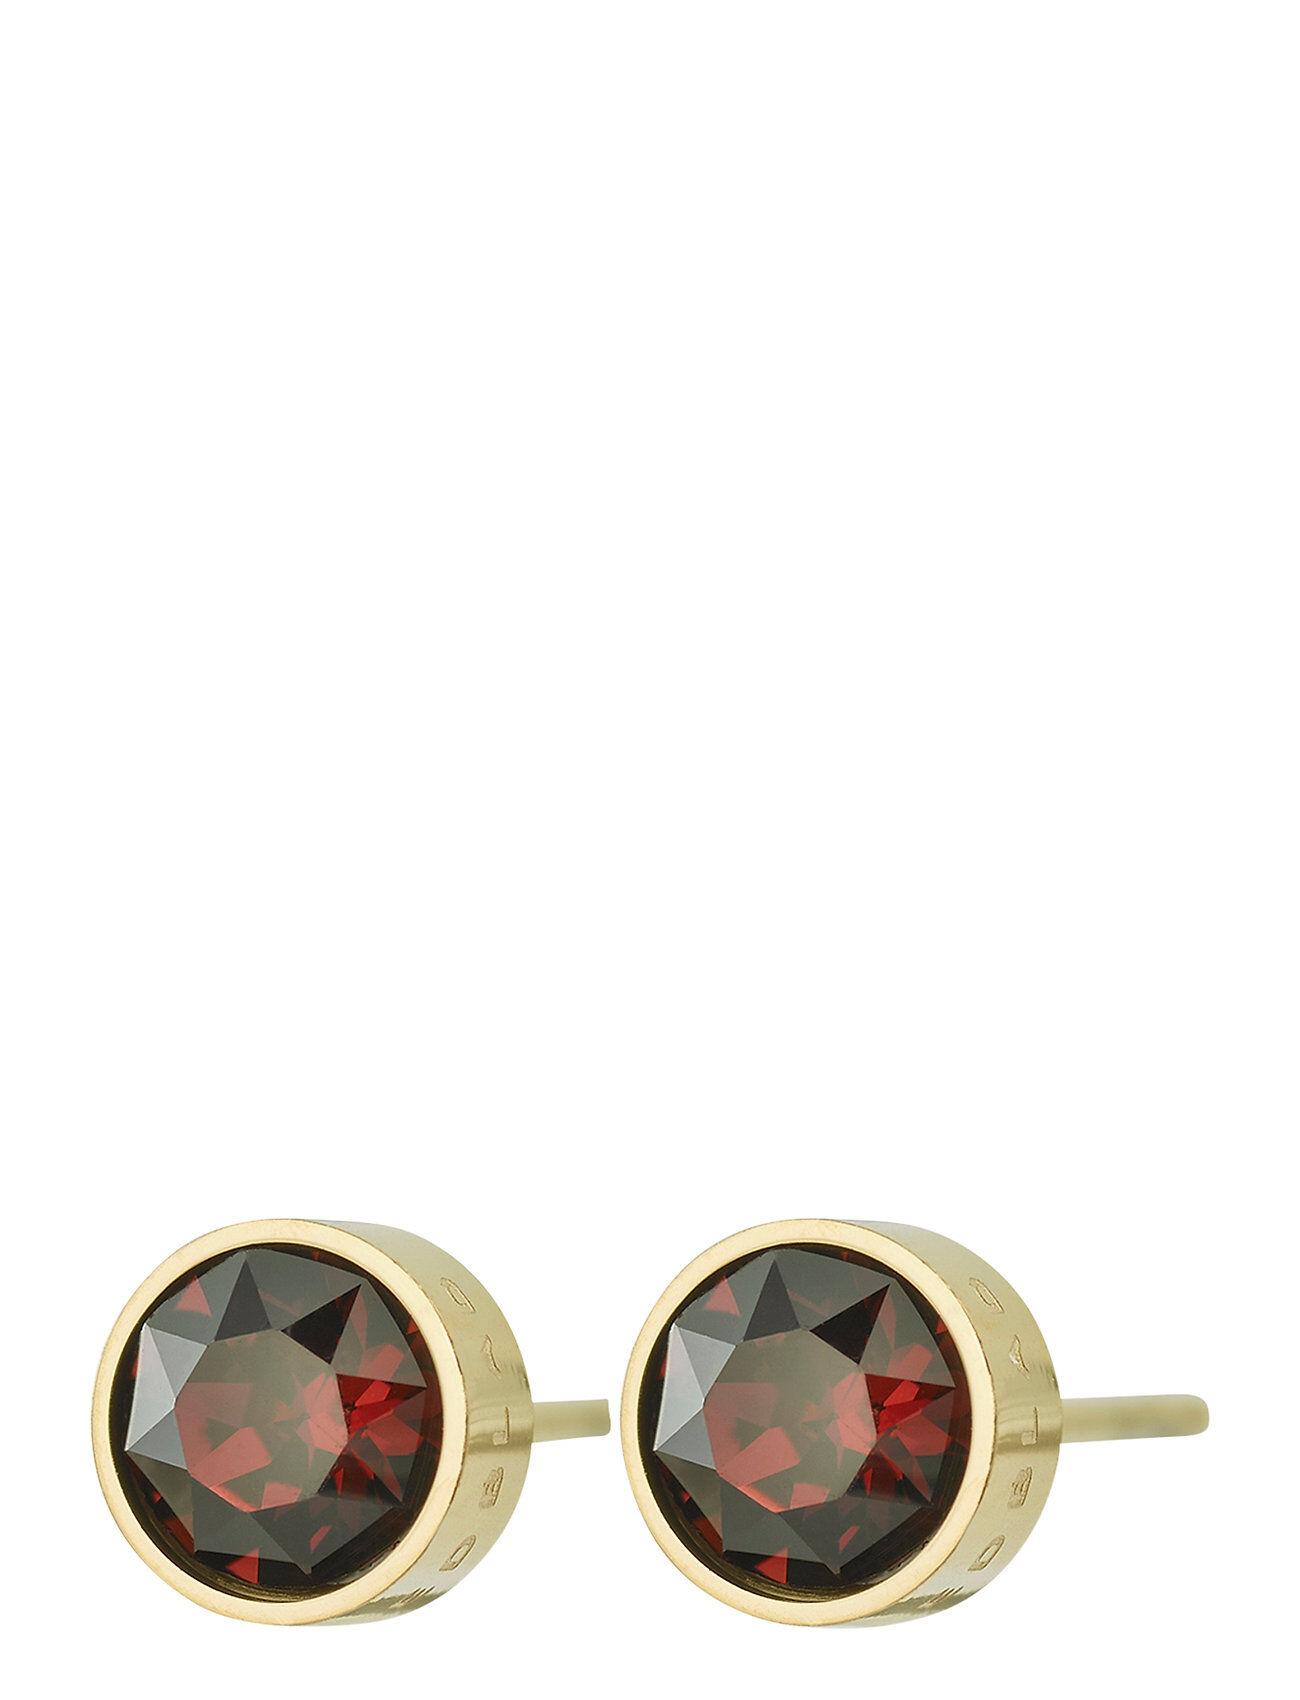 Edblad Diana Studs Plum Accessories Jewellery Earrings Studs Kulta Edblad